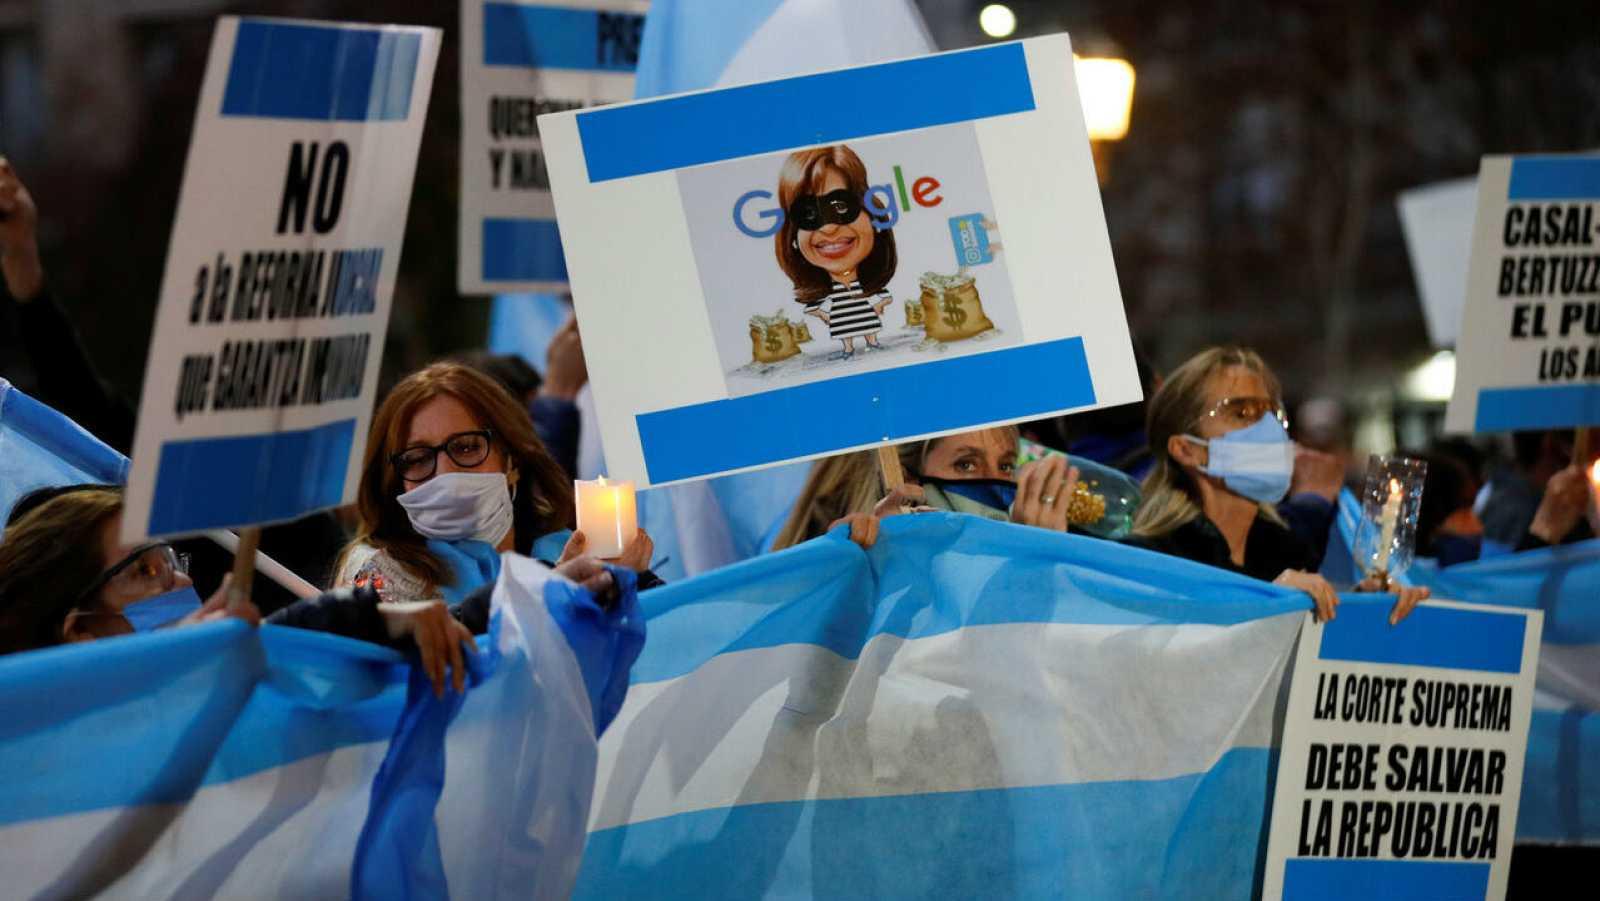 Manifestantes sostienen un cartel que representa a la vicepresidenta argentina Cristina Fernández de Kirchner como un ladrón durante una protesta contra un intento de reformar el poder judicial, en Buenos Aires, Argentina.